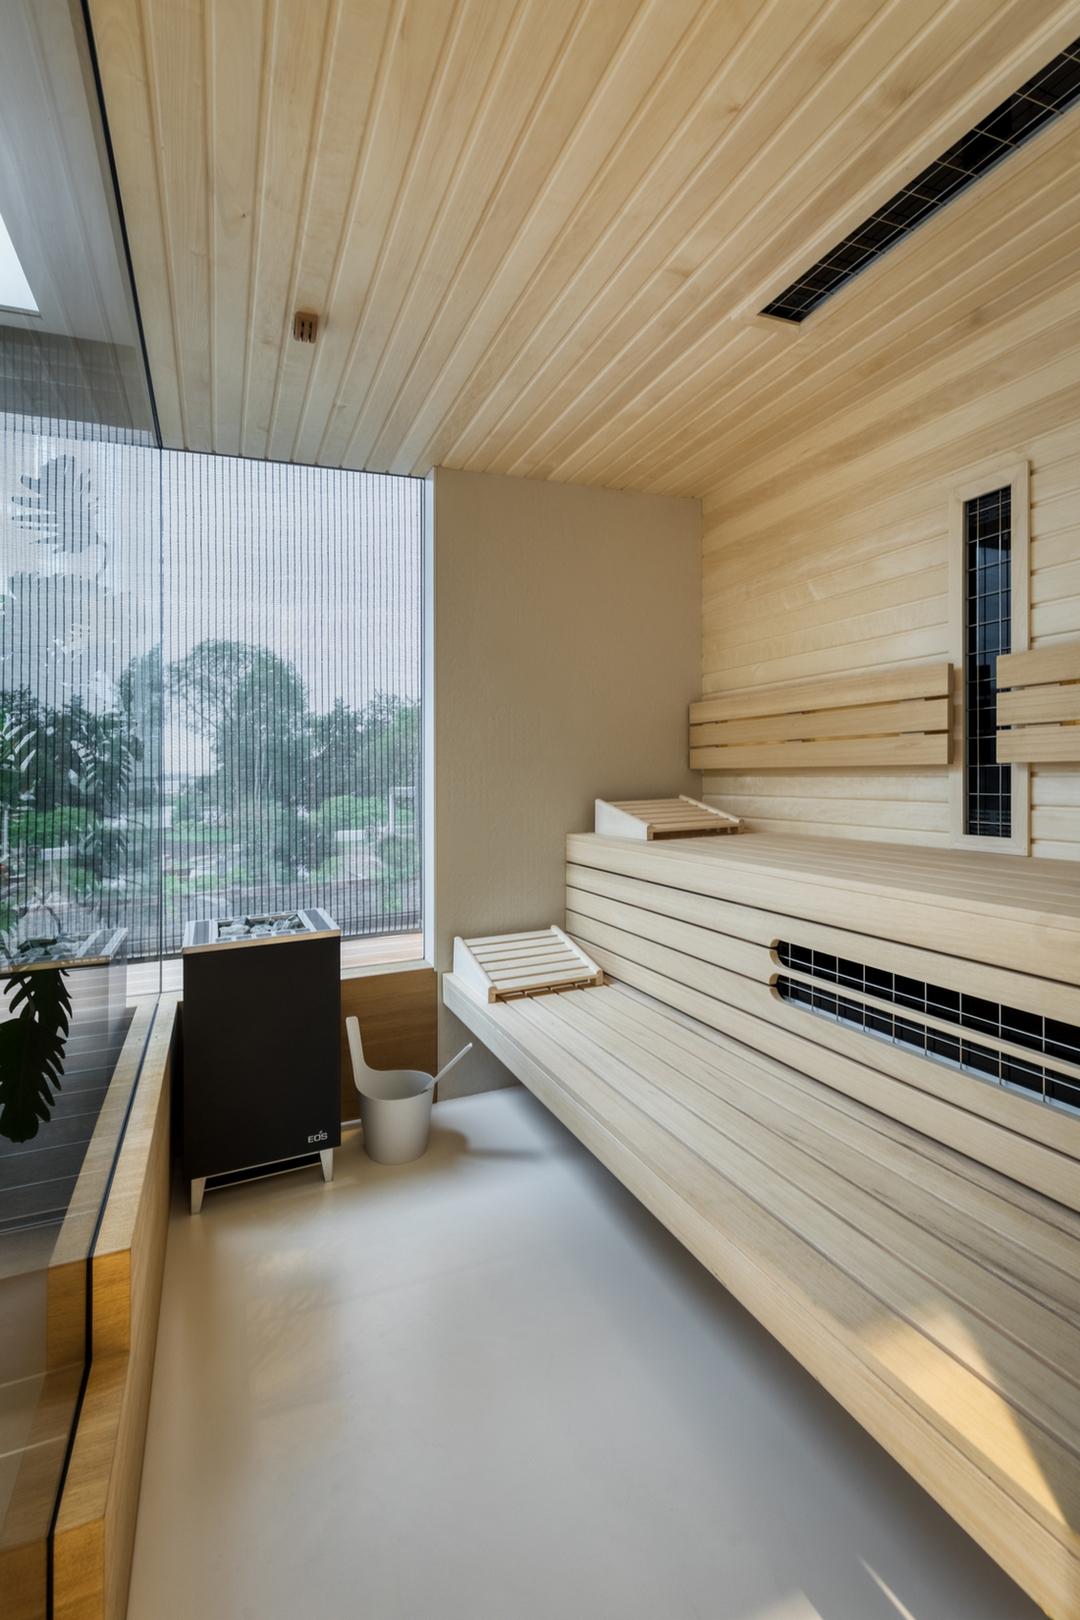 Maatwerk Welson sauna met infraroodstralers